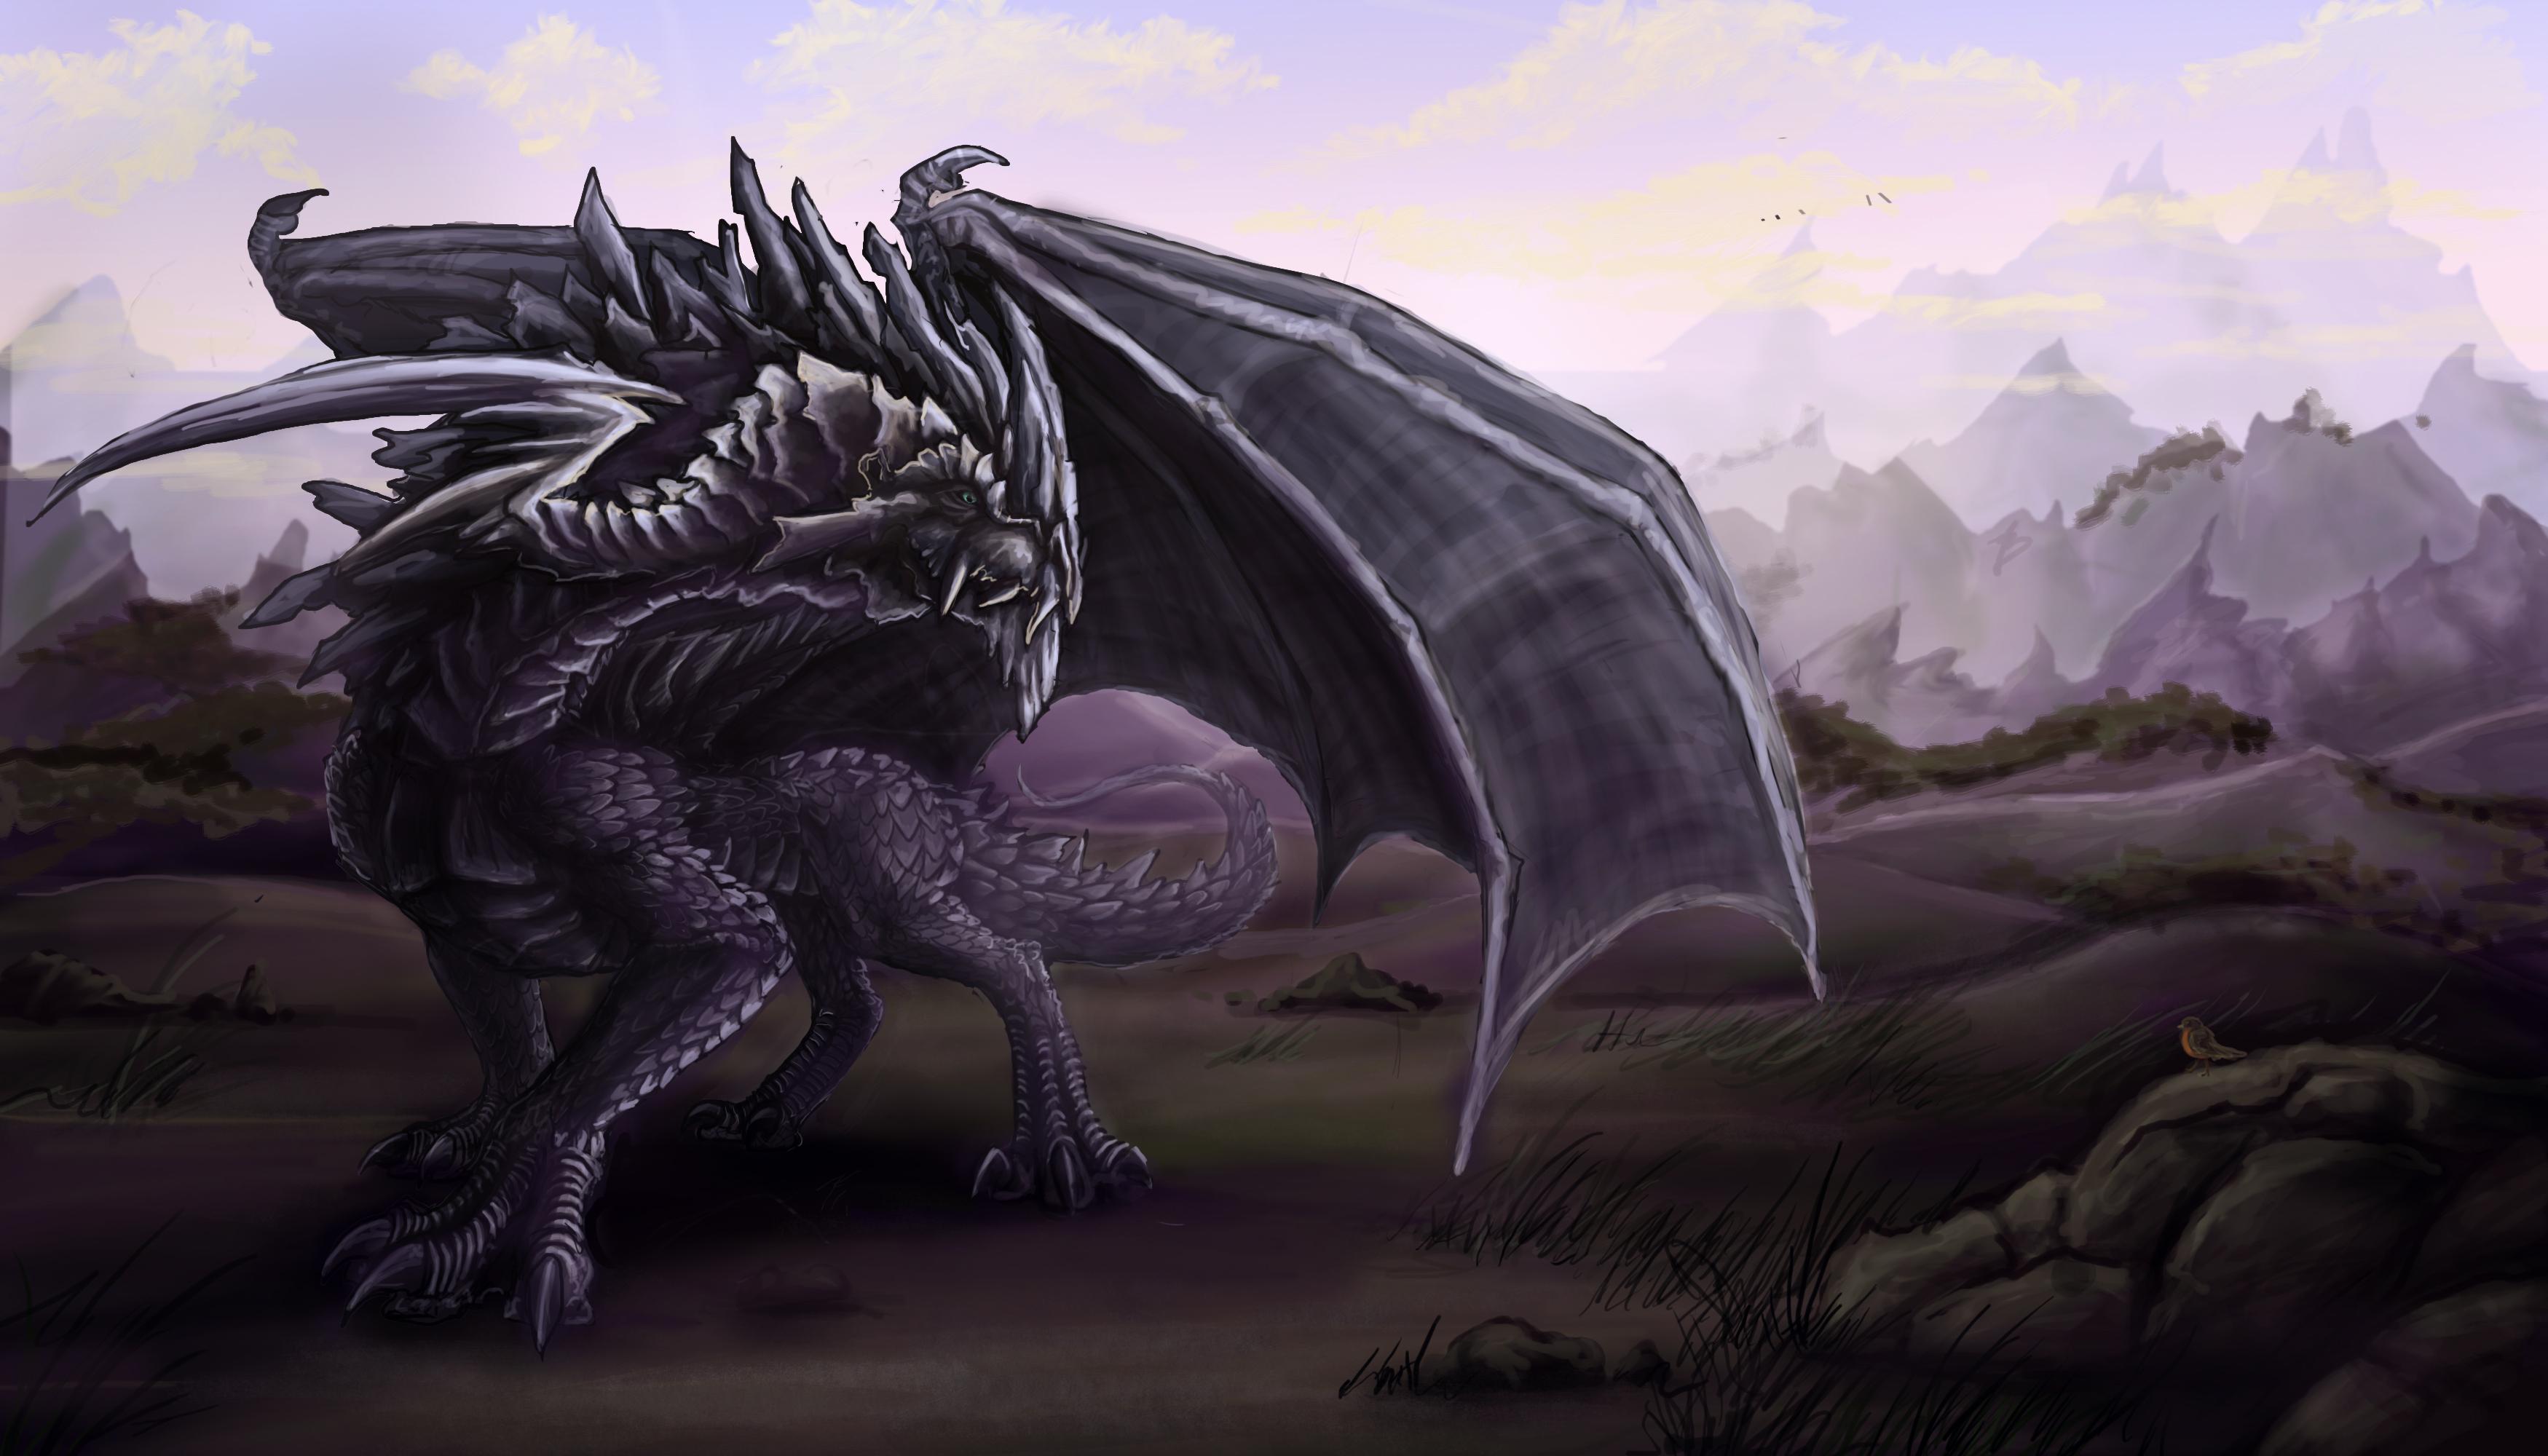 download black dragon wallpaper - photo #14